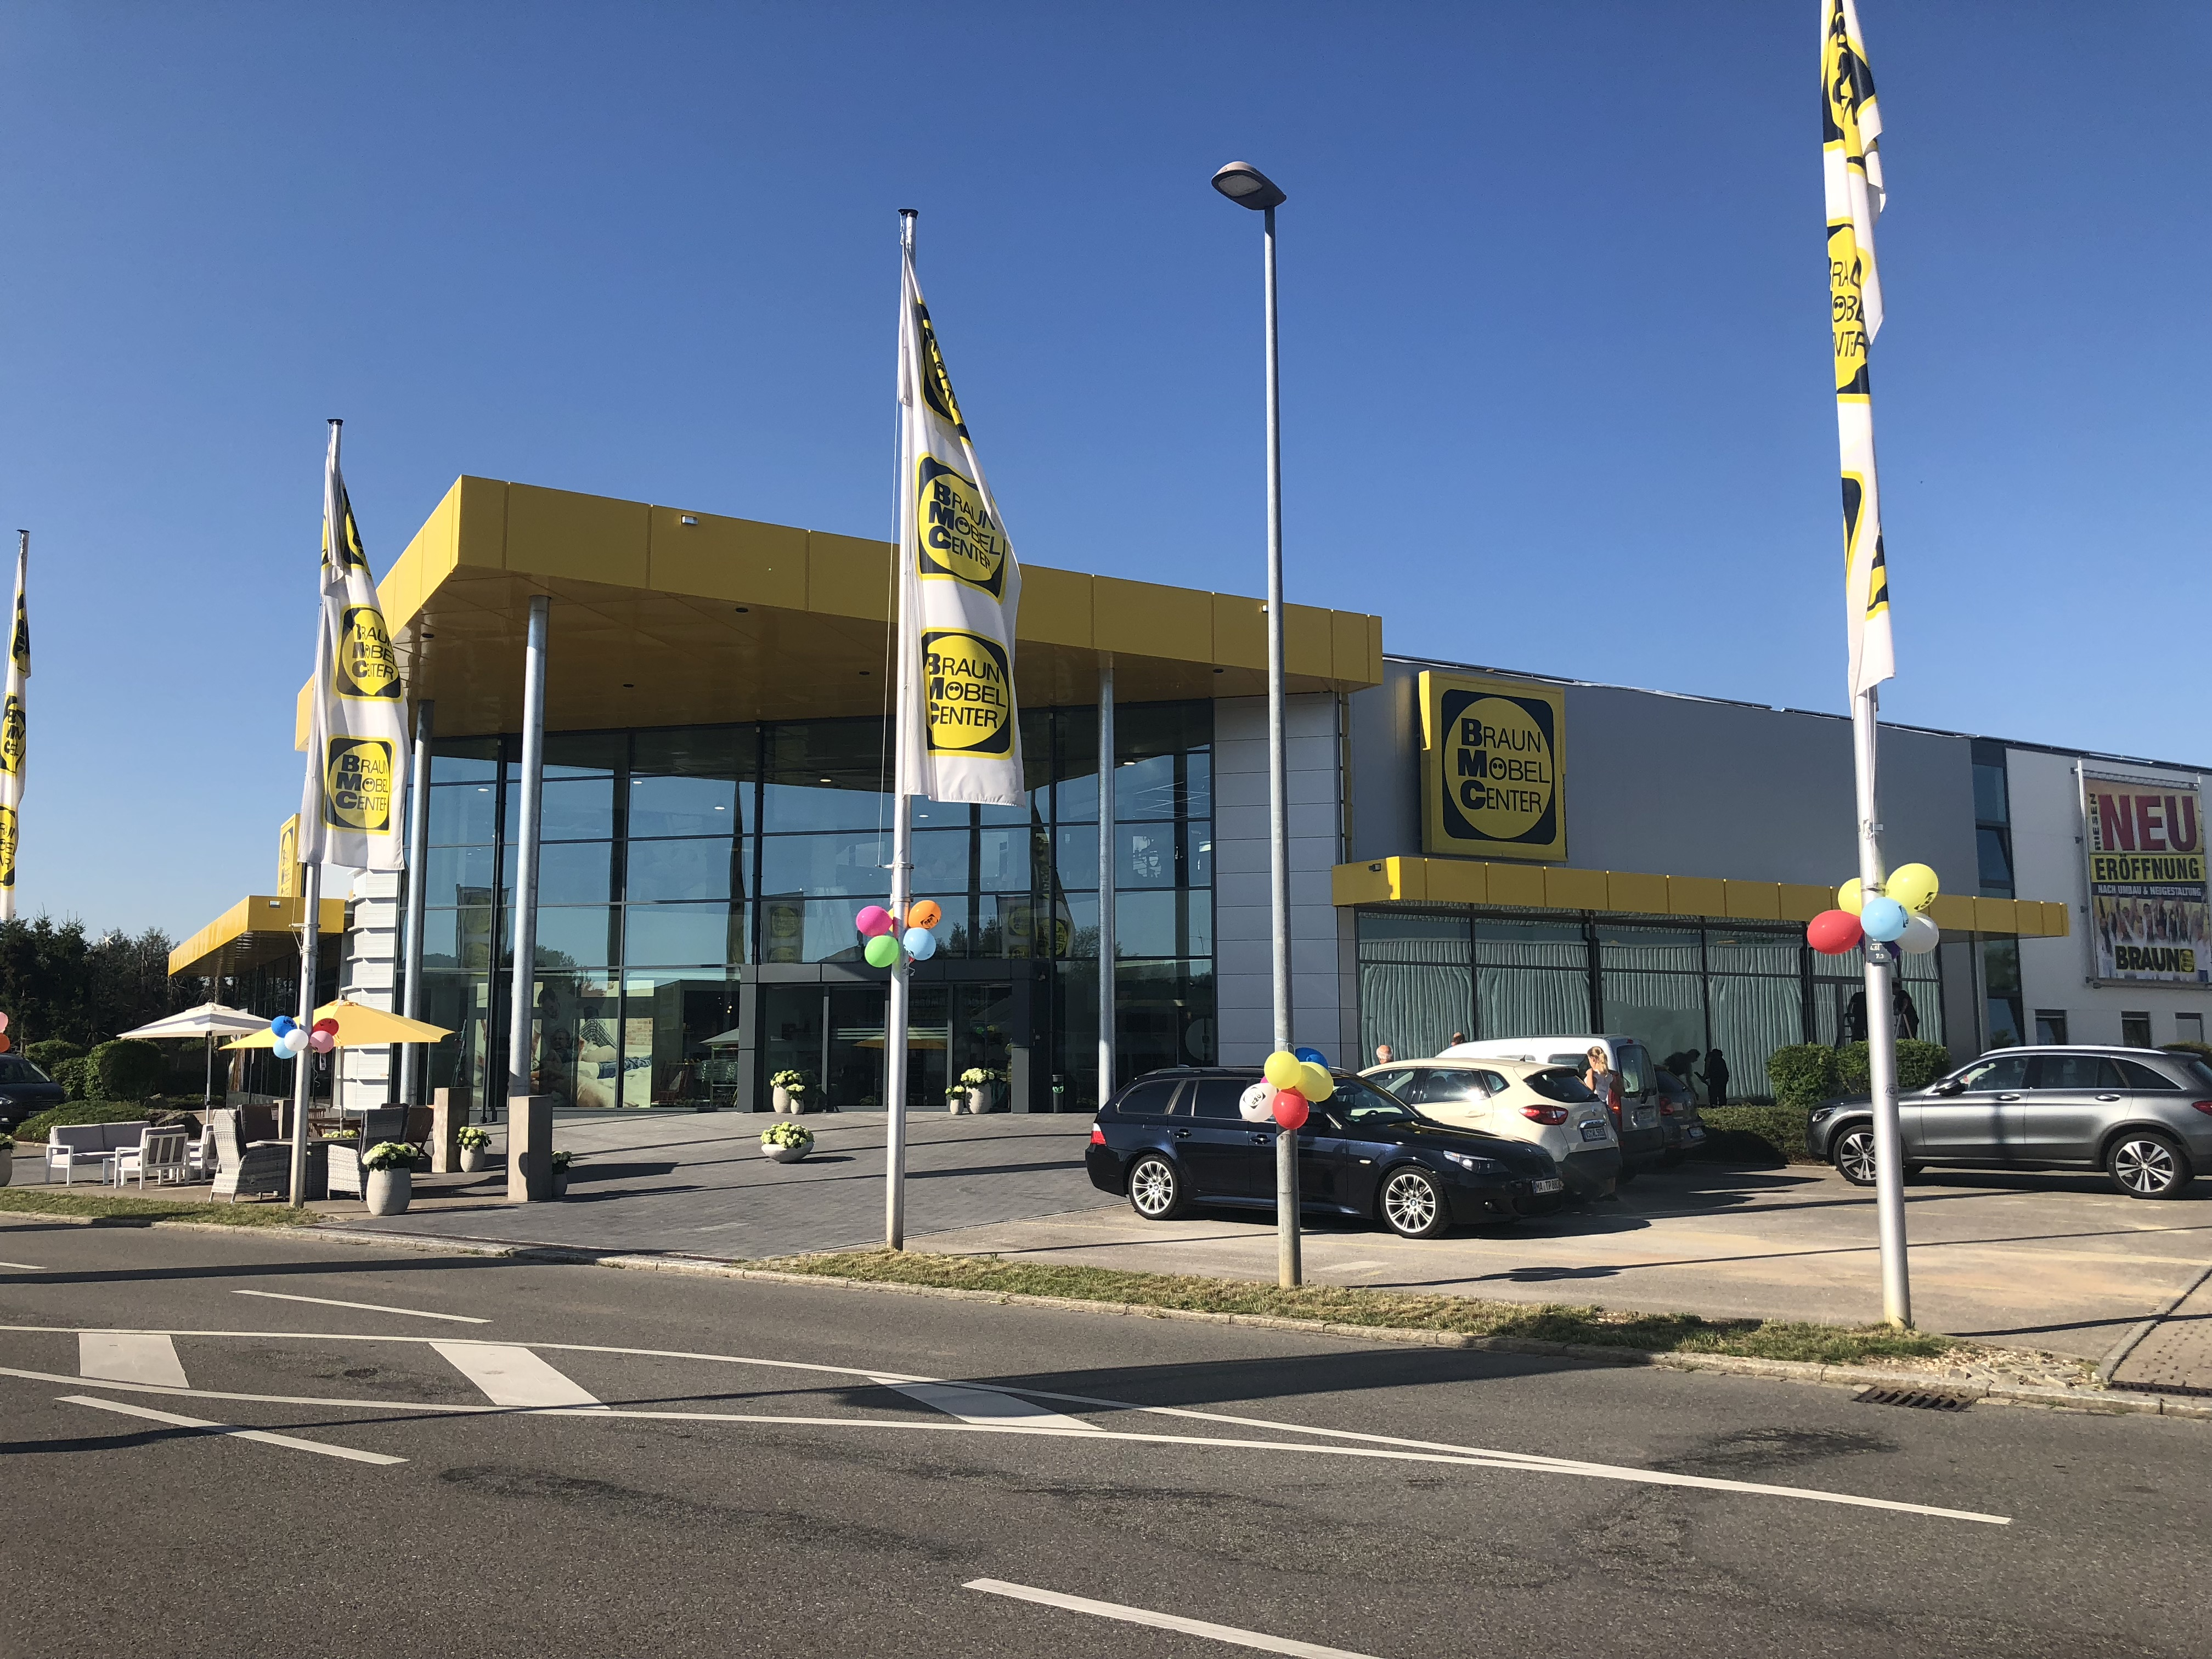 Extra Günstig Möbel Kaufen – Braun Möbel-Center tout Möbel Braun Offenburg